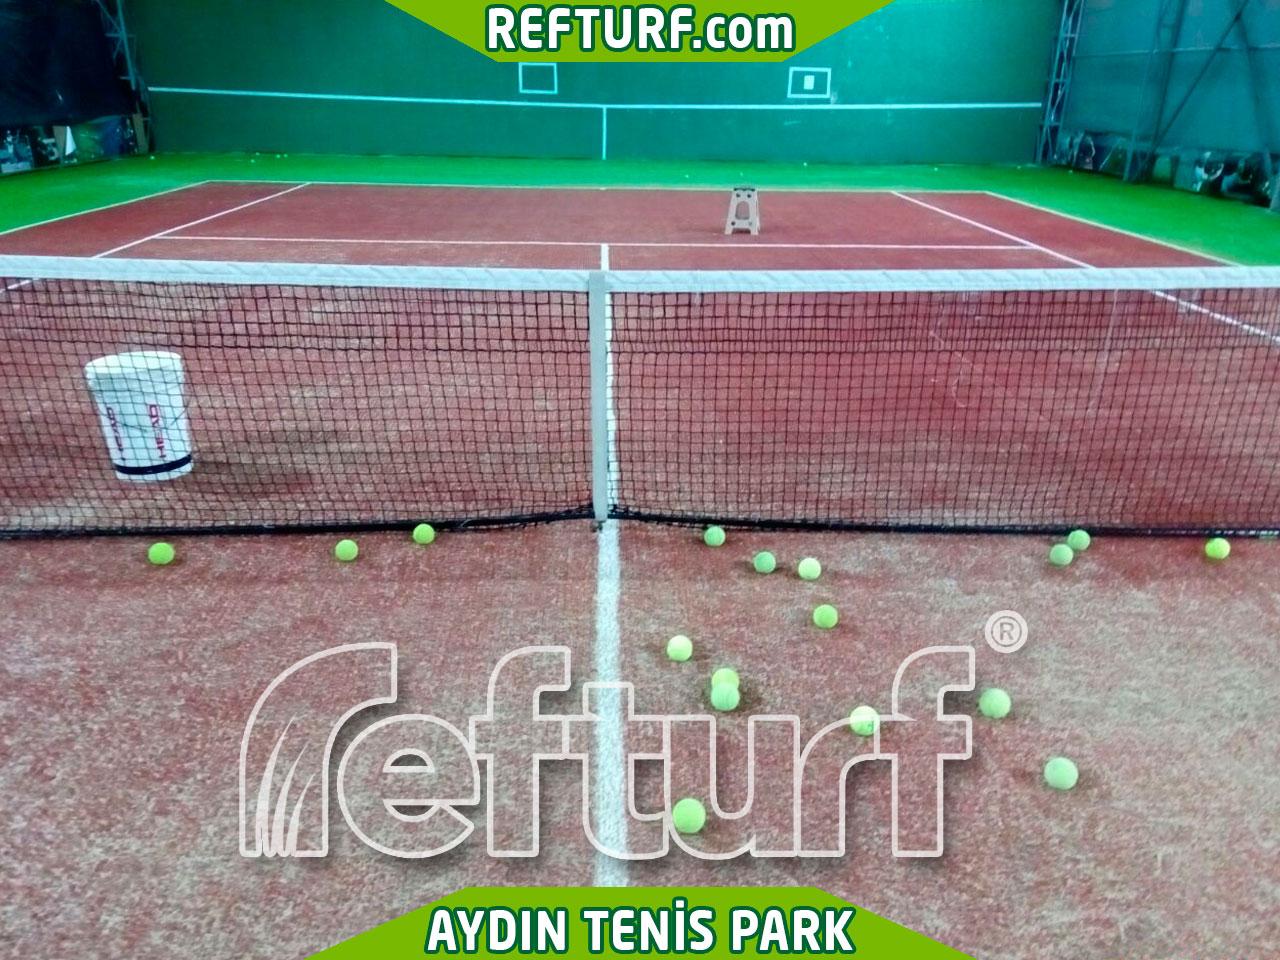 aydın tenis park, aydın tenis kortu, aydın tenis park tenis kortu,